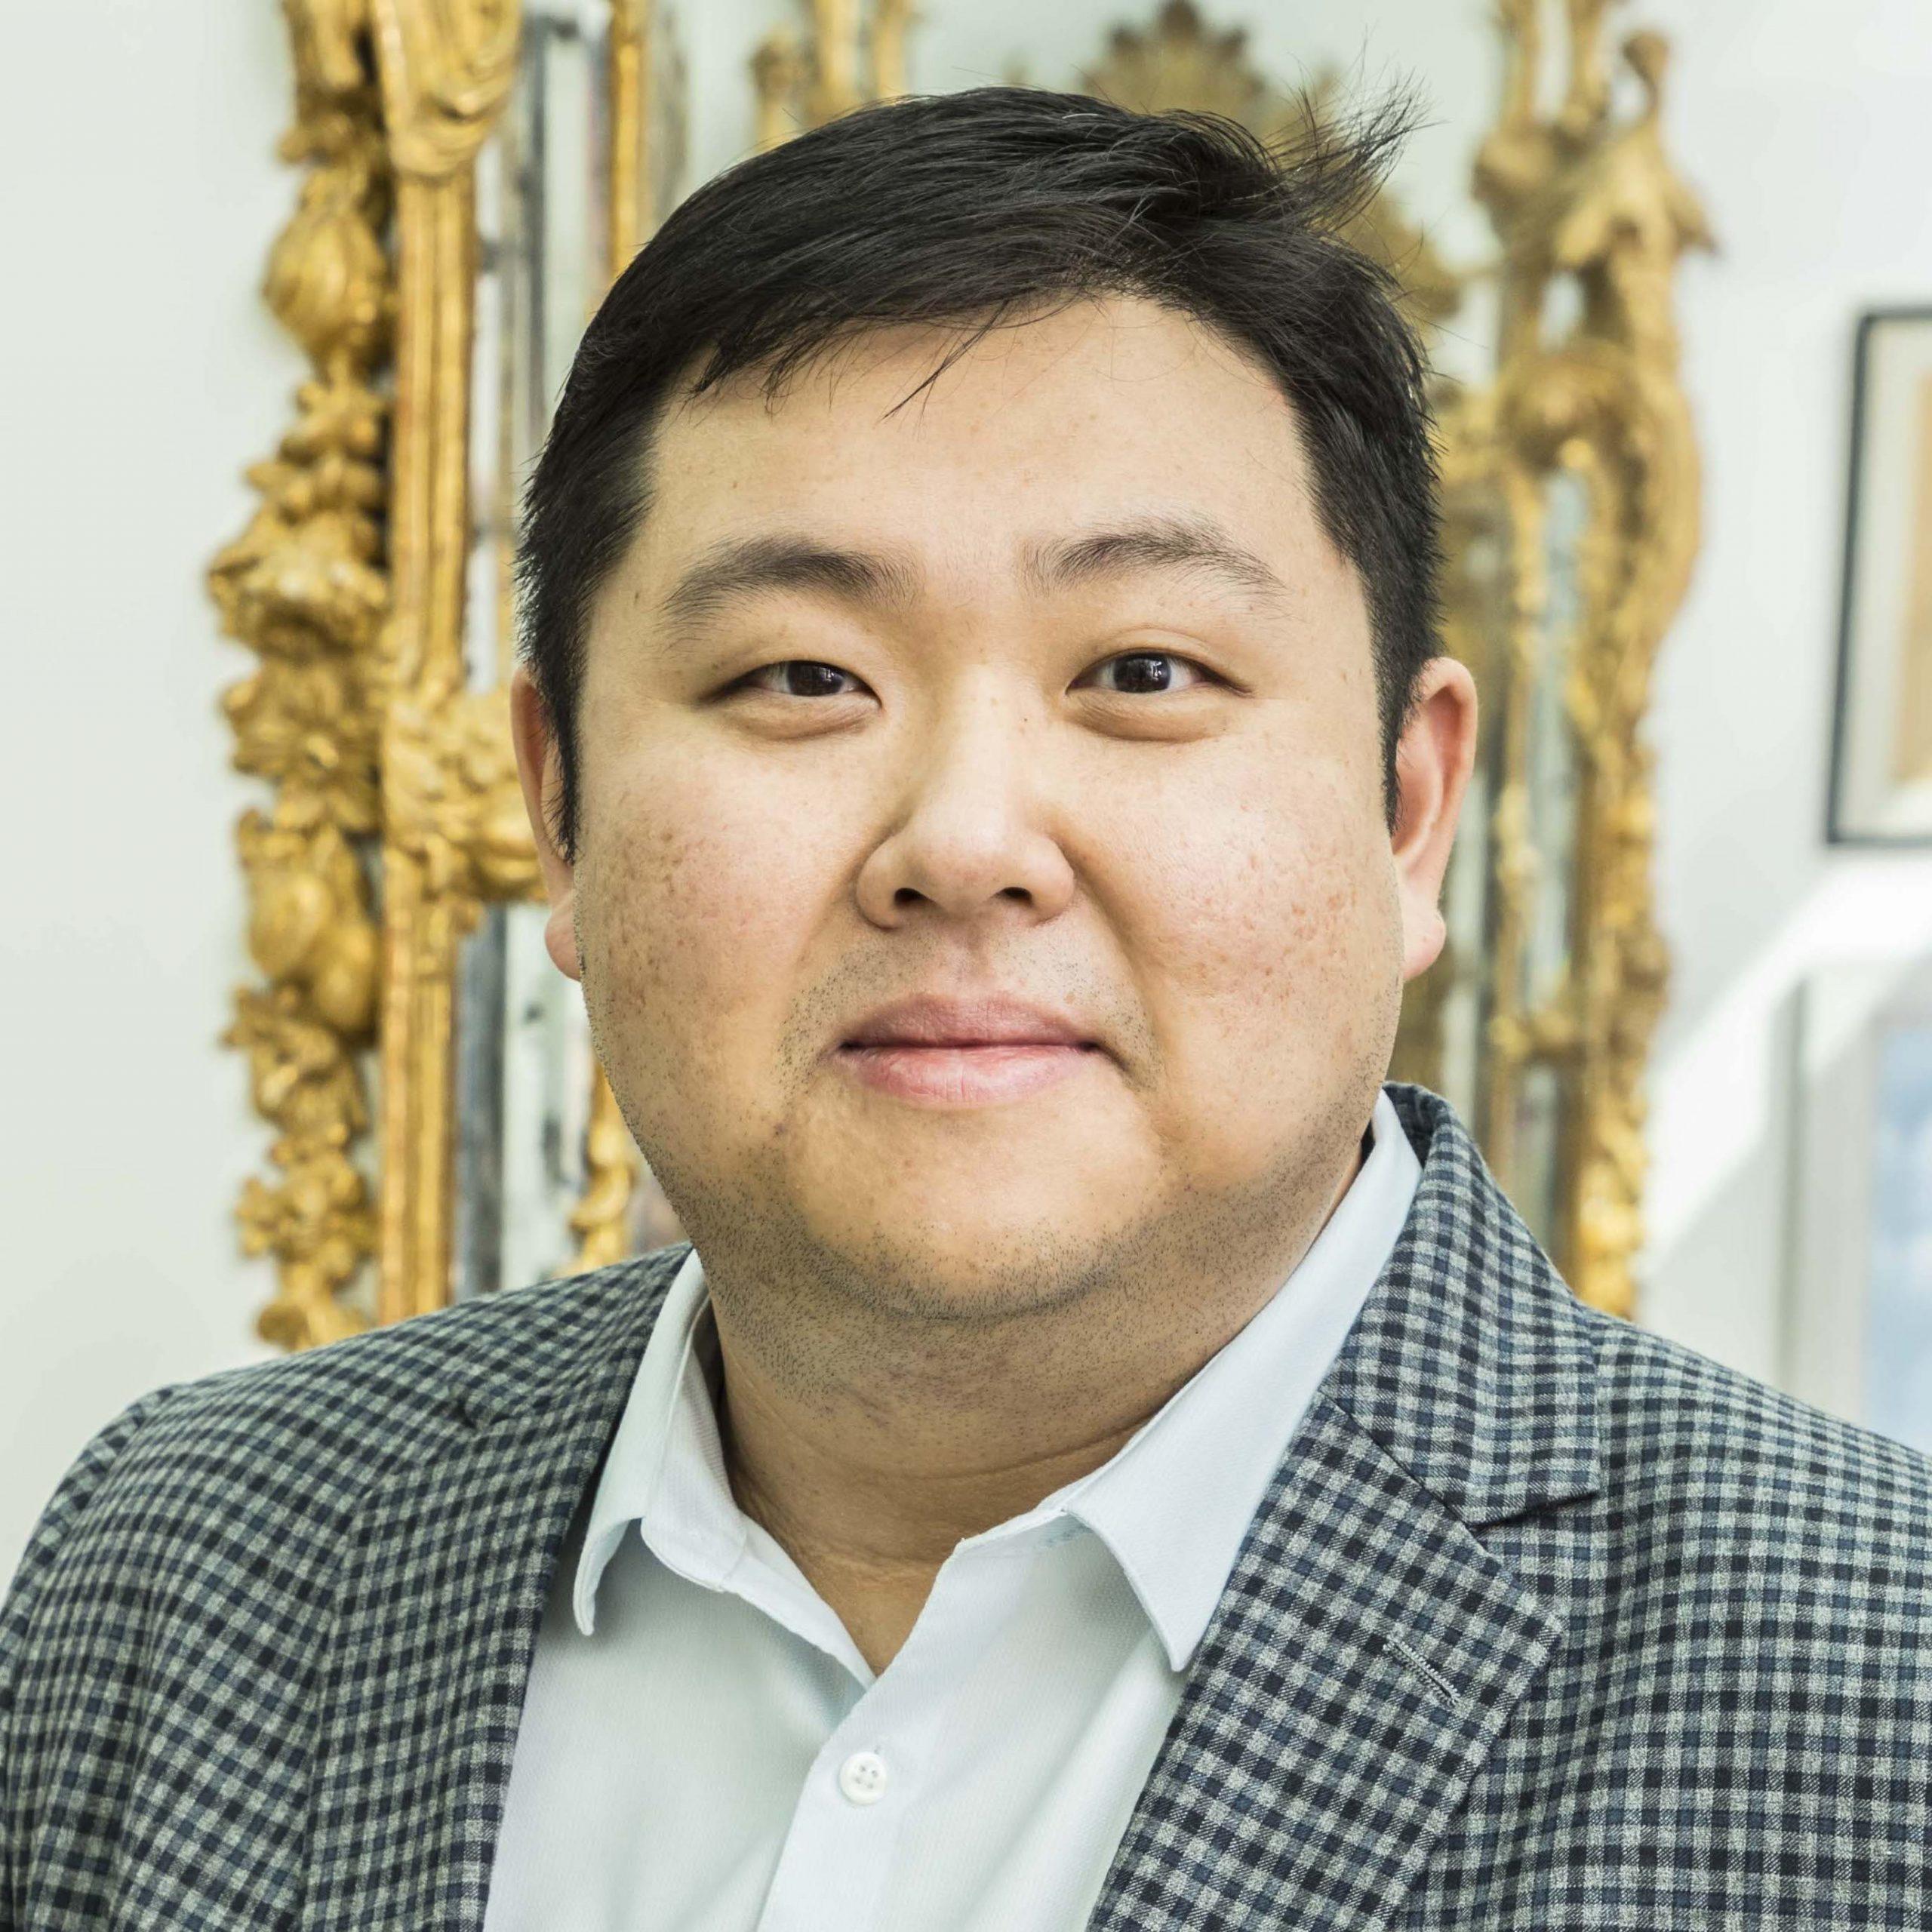 Jonathan Hung